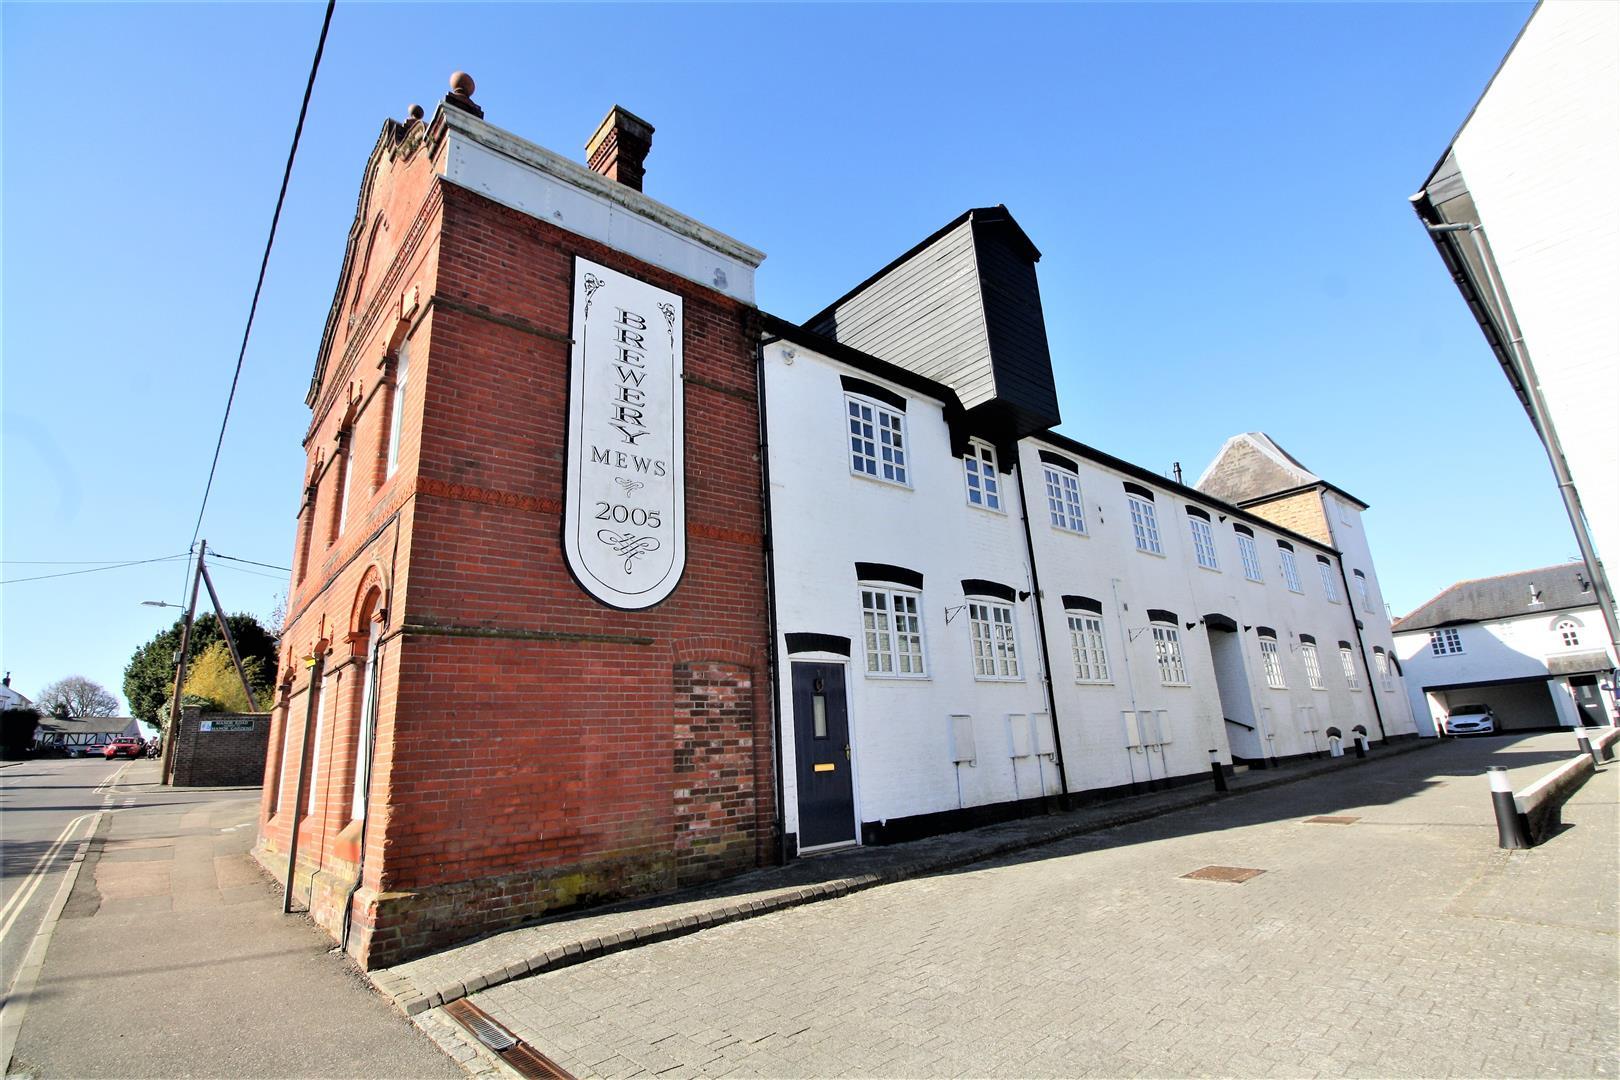 Brewery Mews, Hurstpierpoint.